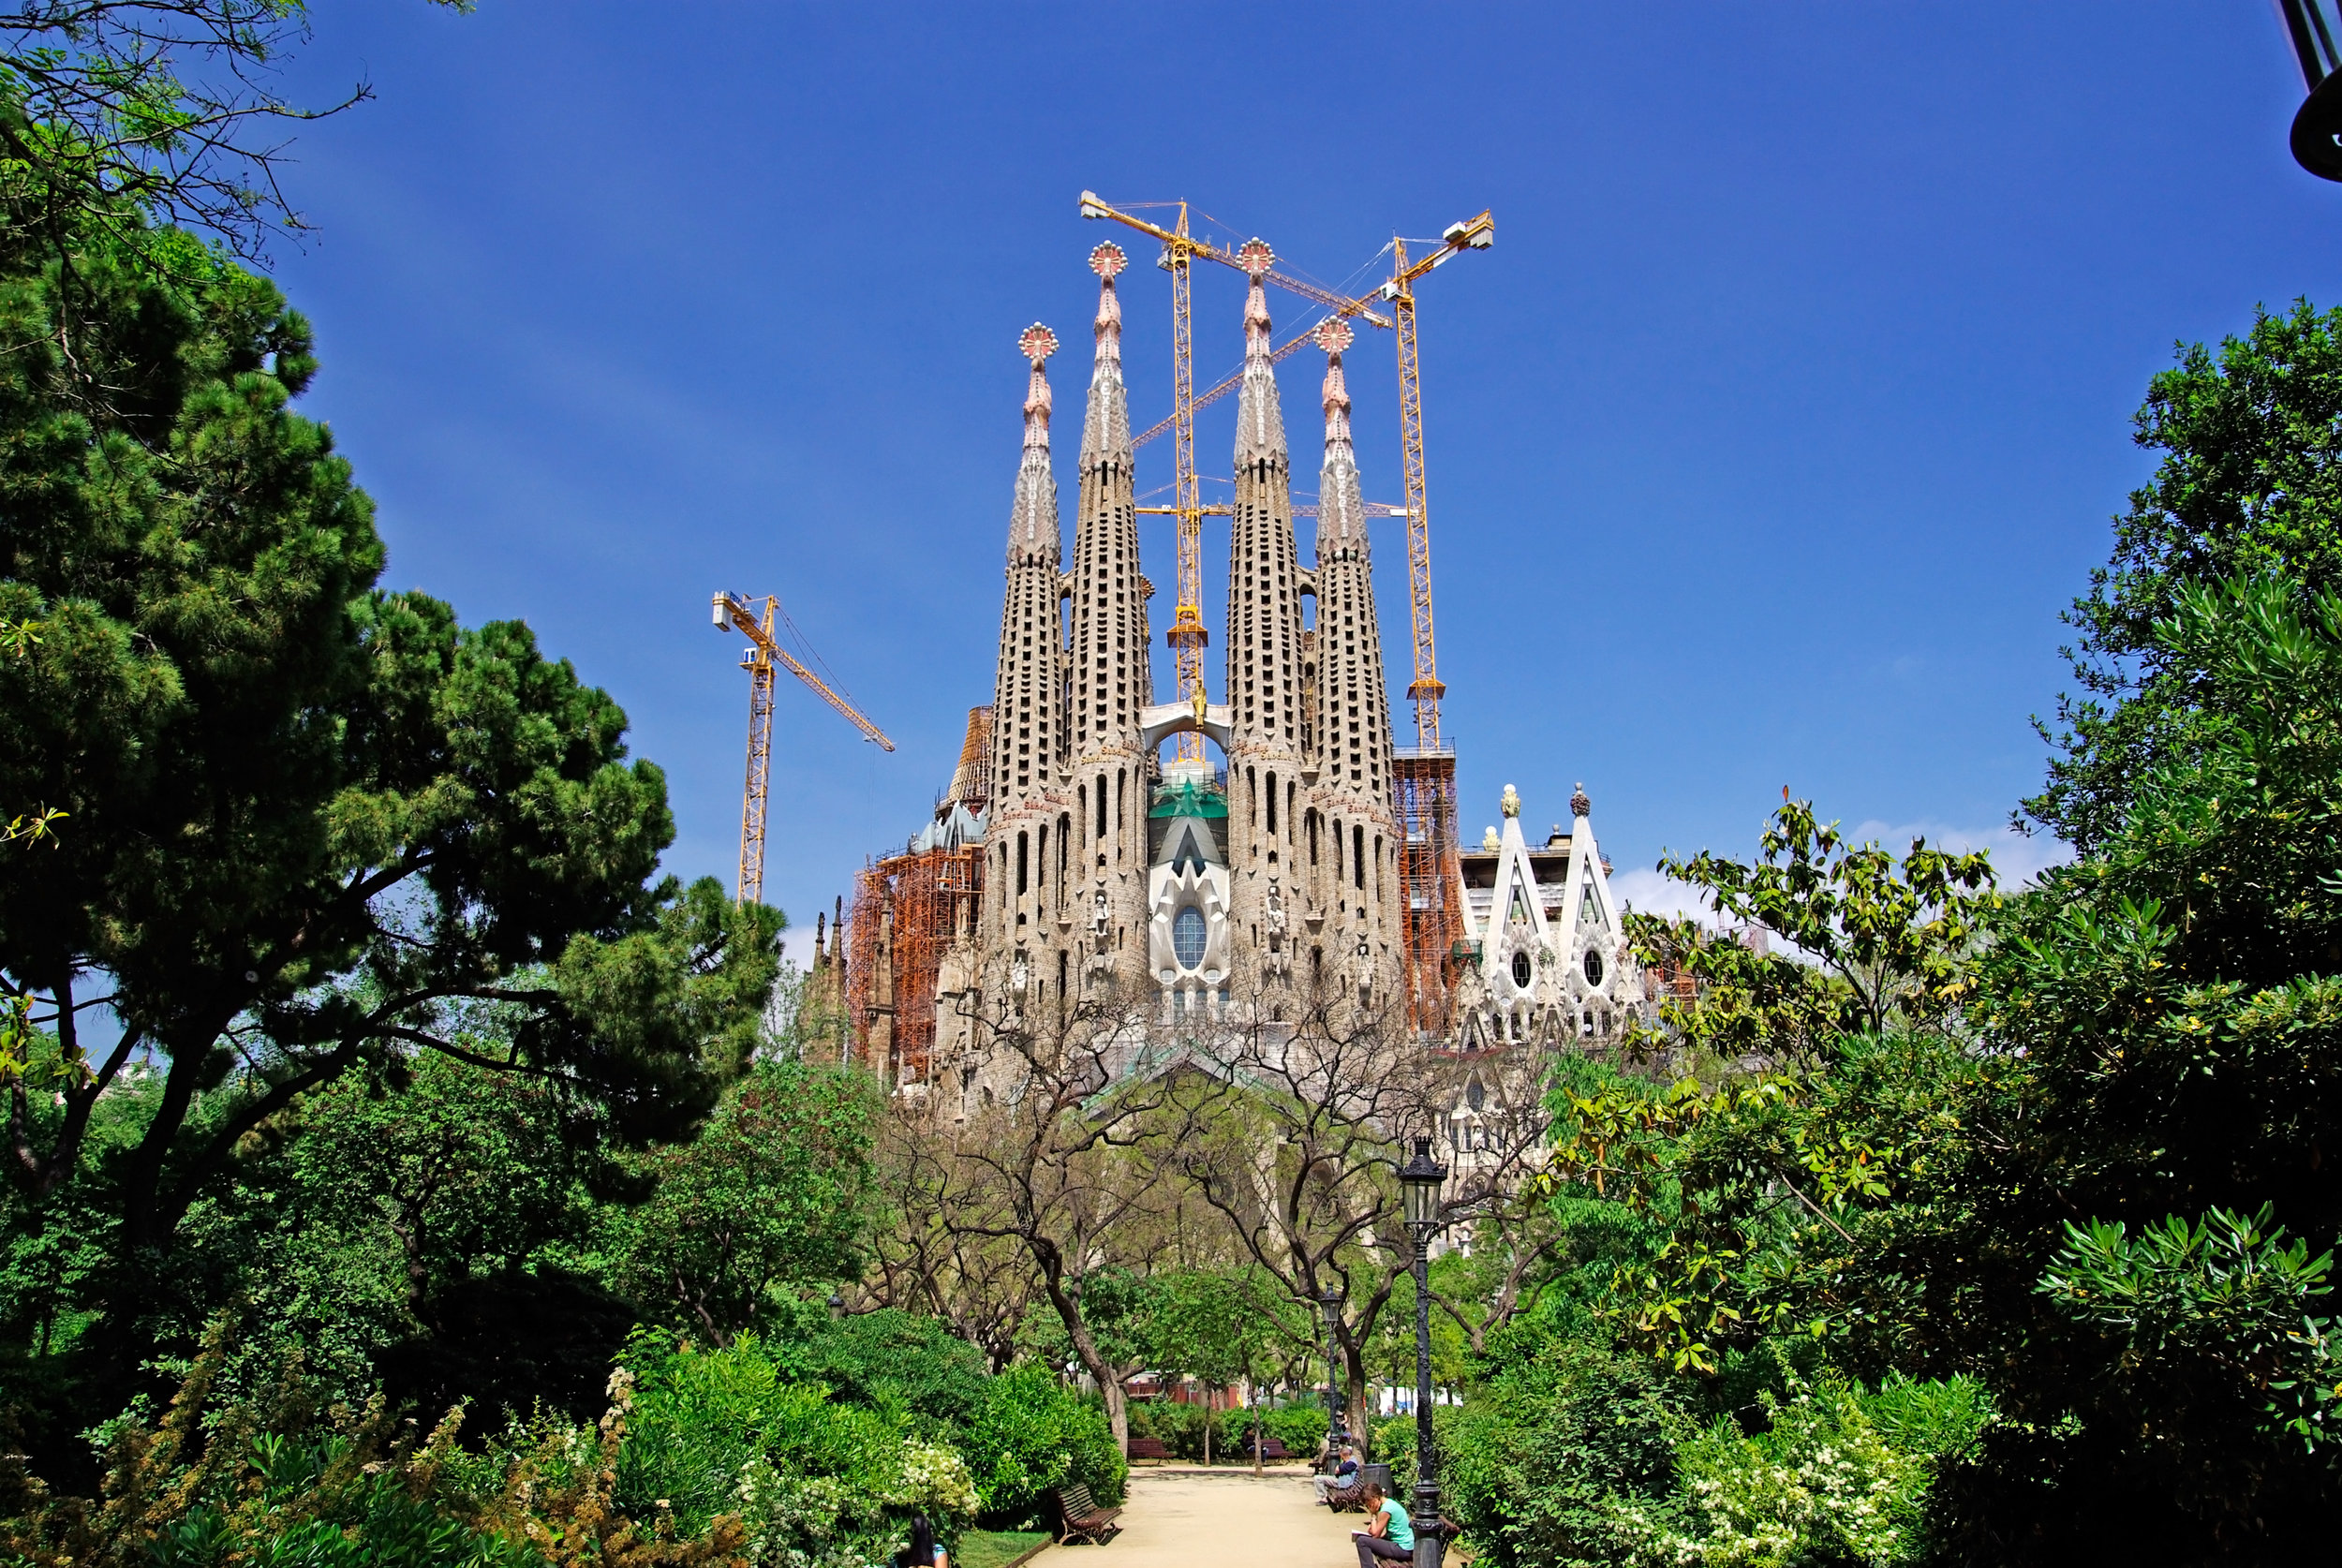 Всього, за ідеєю архітектора, мало бути 12 веж